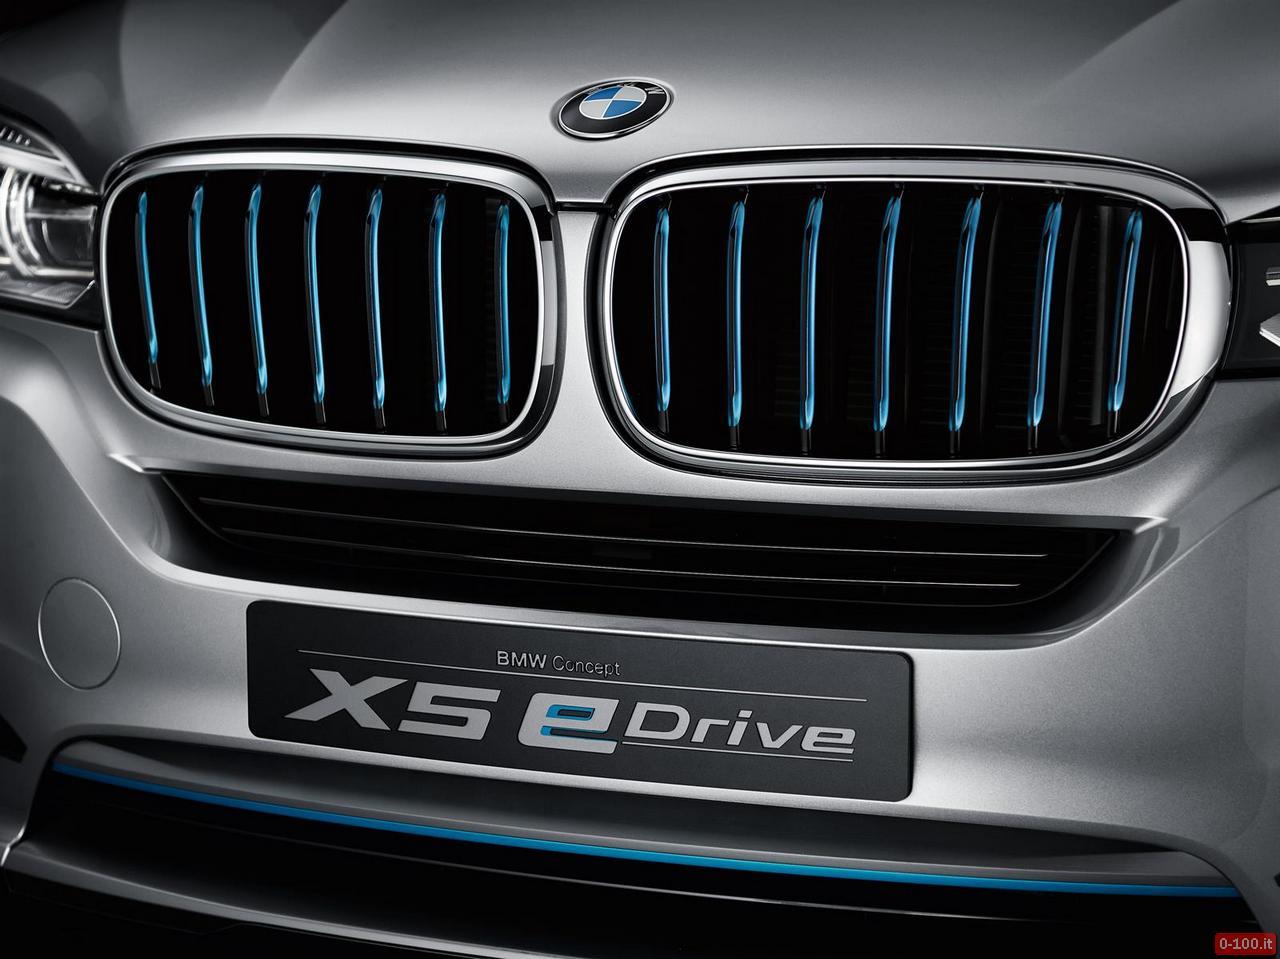 bmw-x5-edrive-concept-nel-2015-in-listino-0-100_7